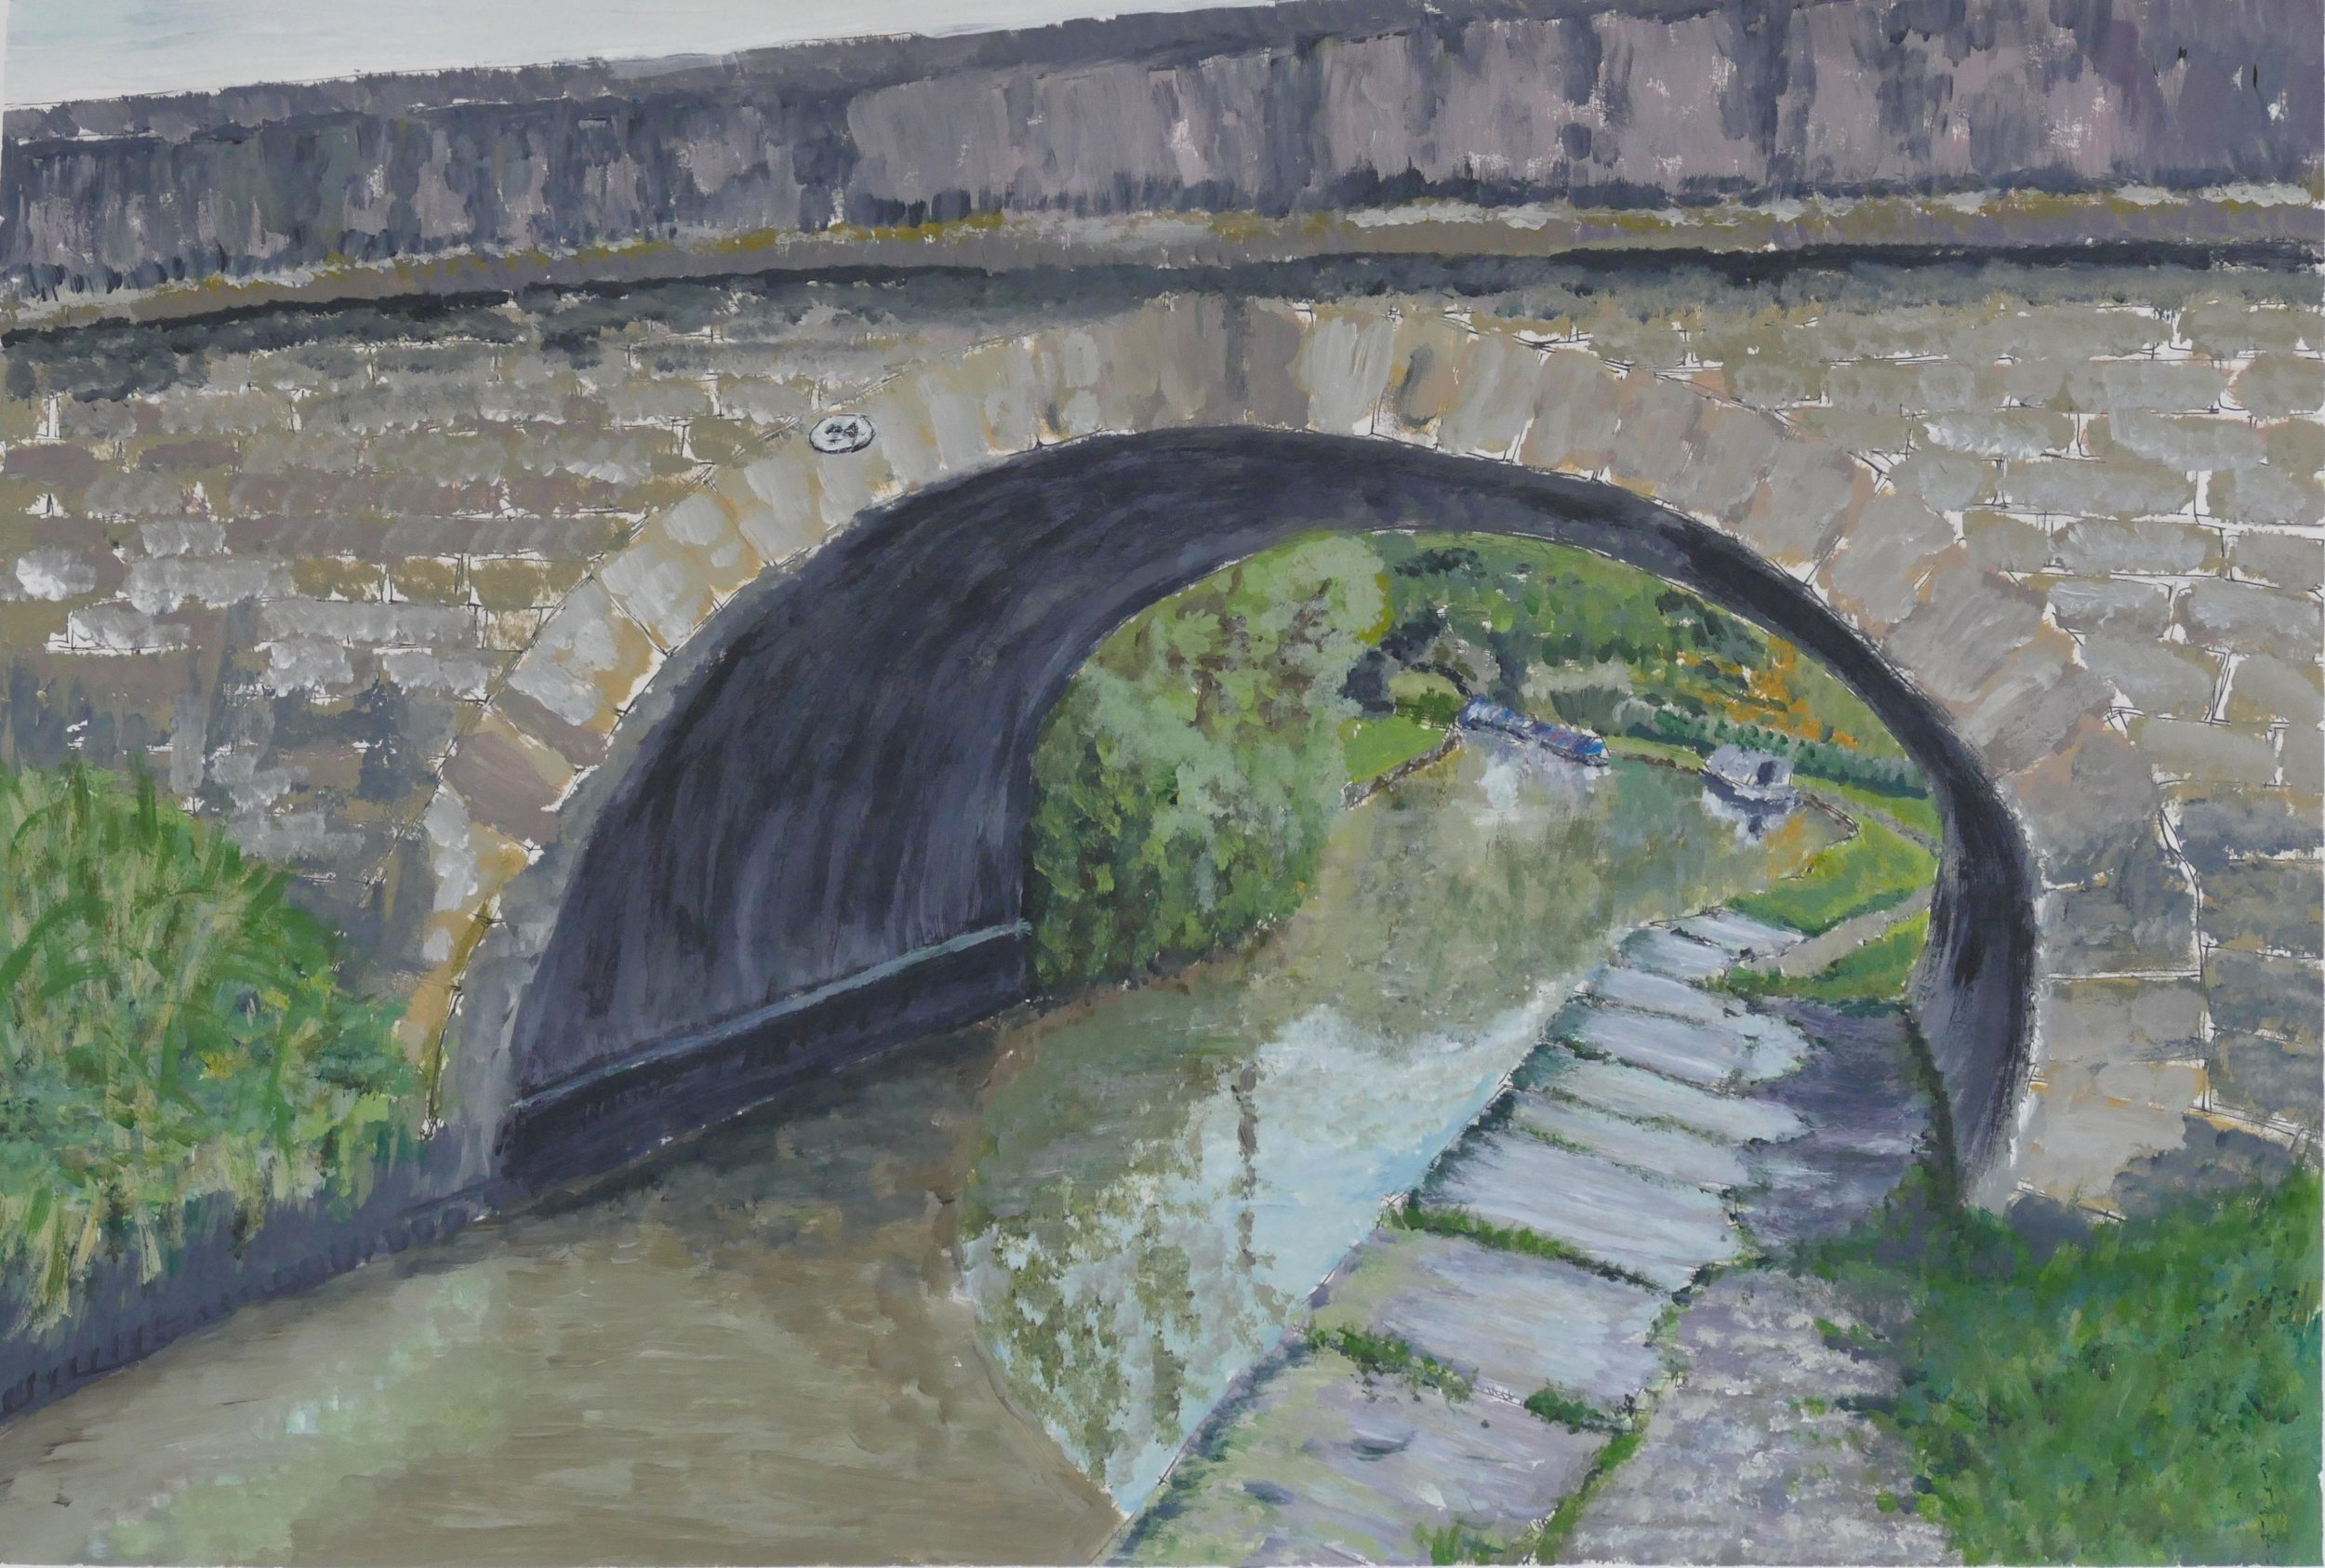 Print 3 - Bridge No. 24 - Size: 405 x 276